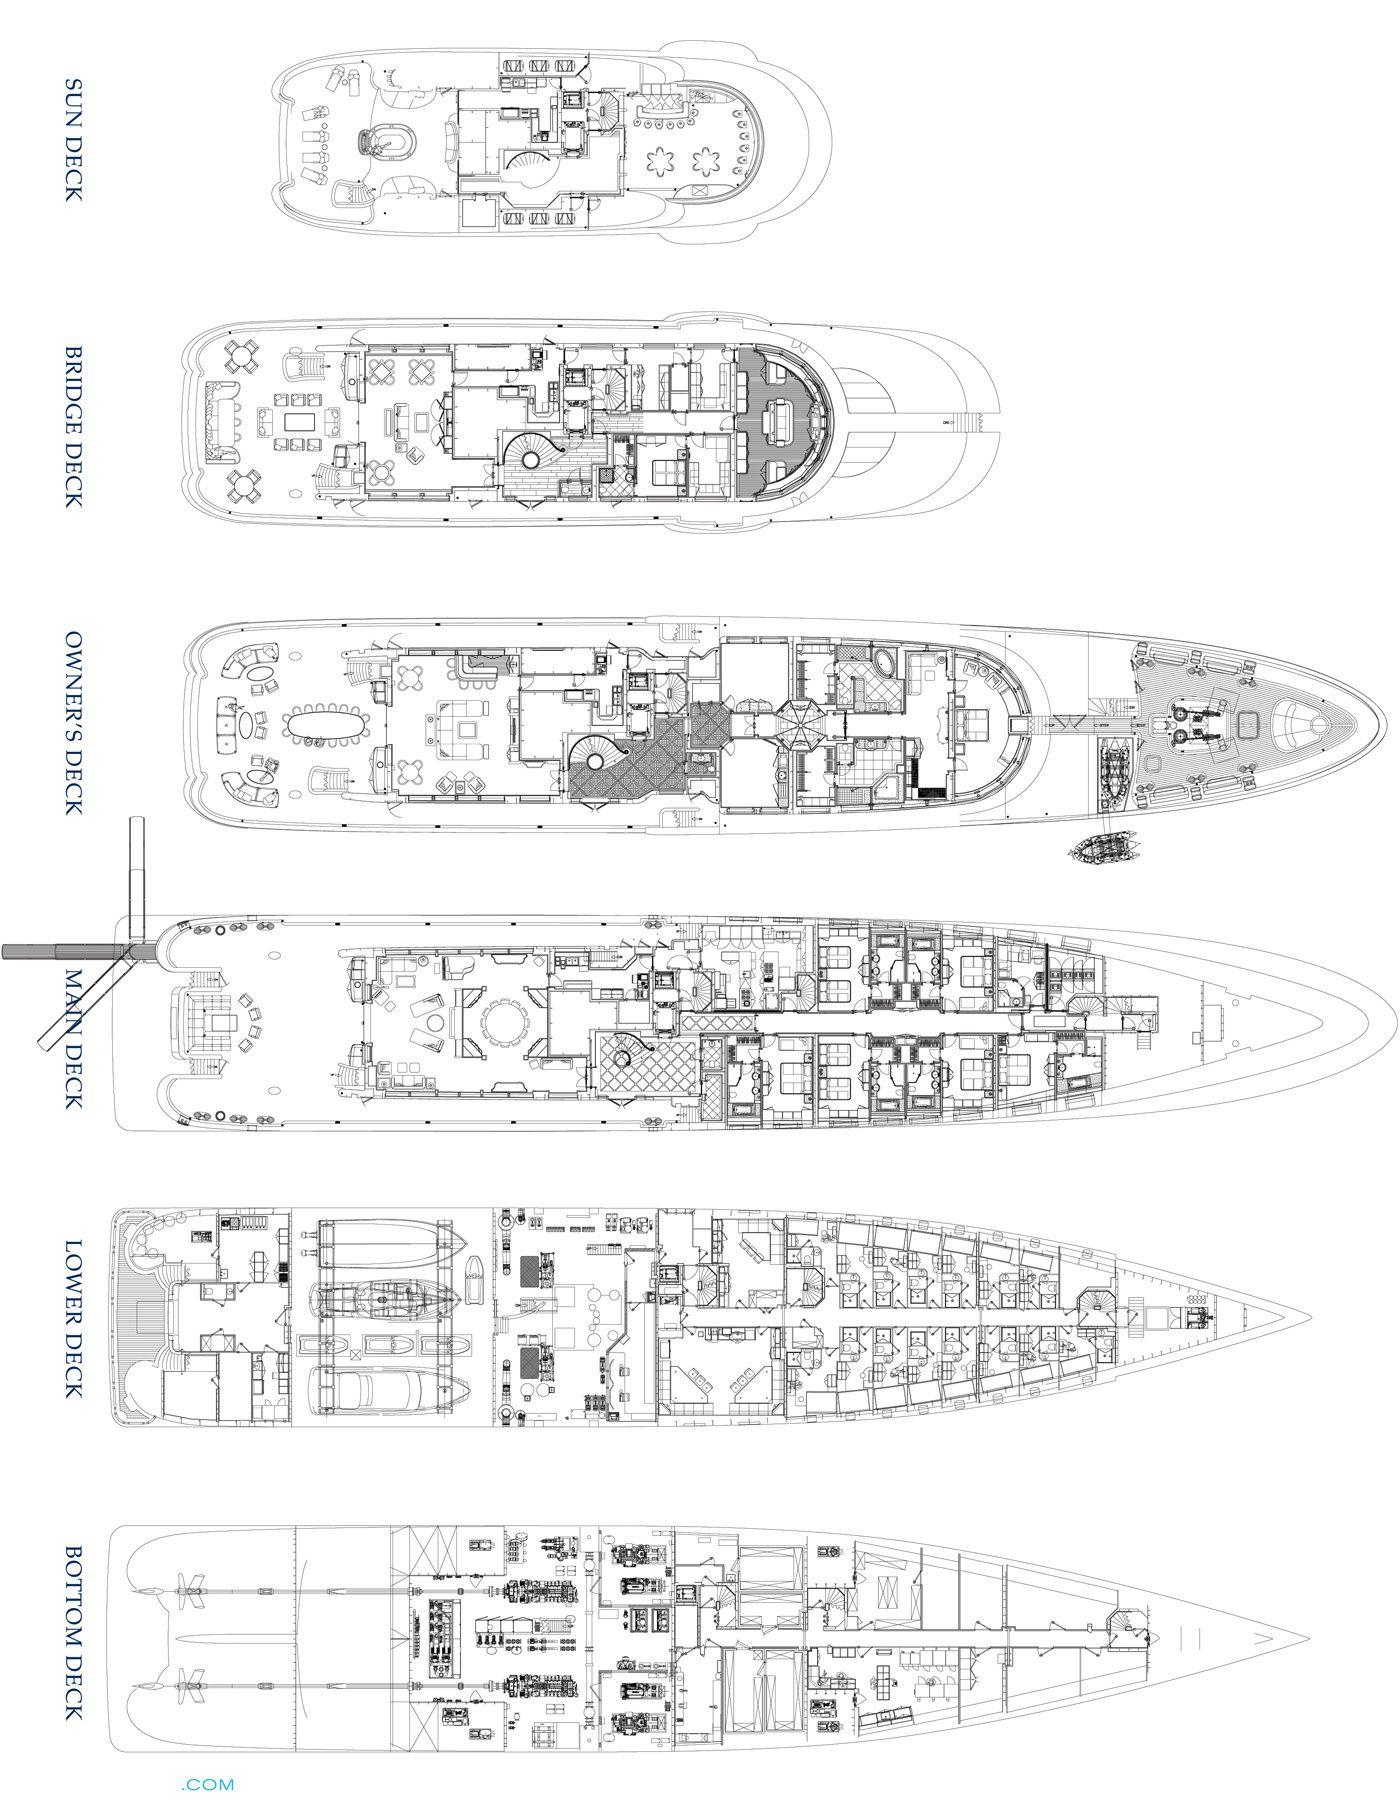 Cakewalk Luxury Yacht Deck Plans Yachts Bateaux De Luxe